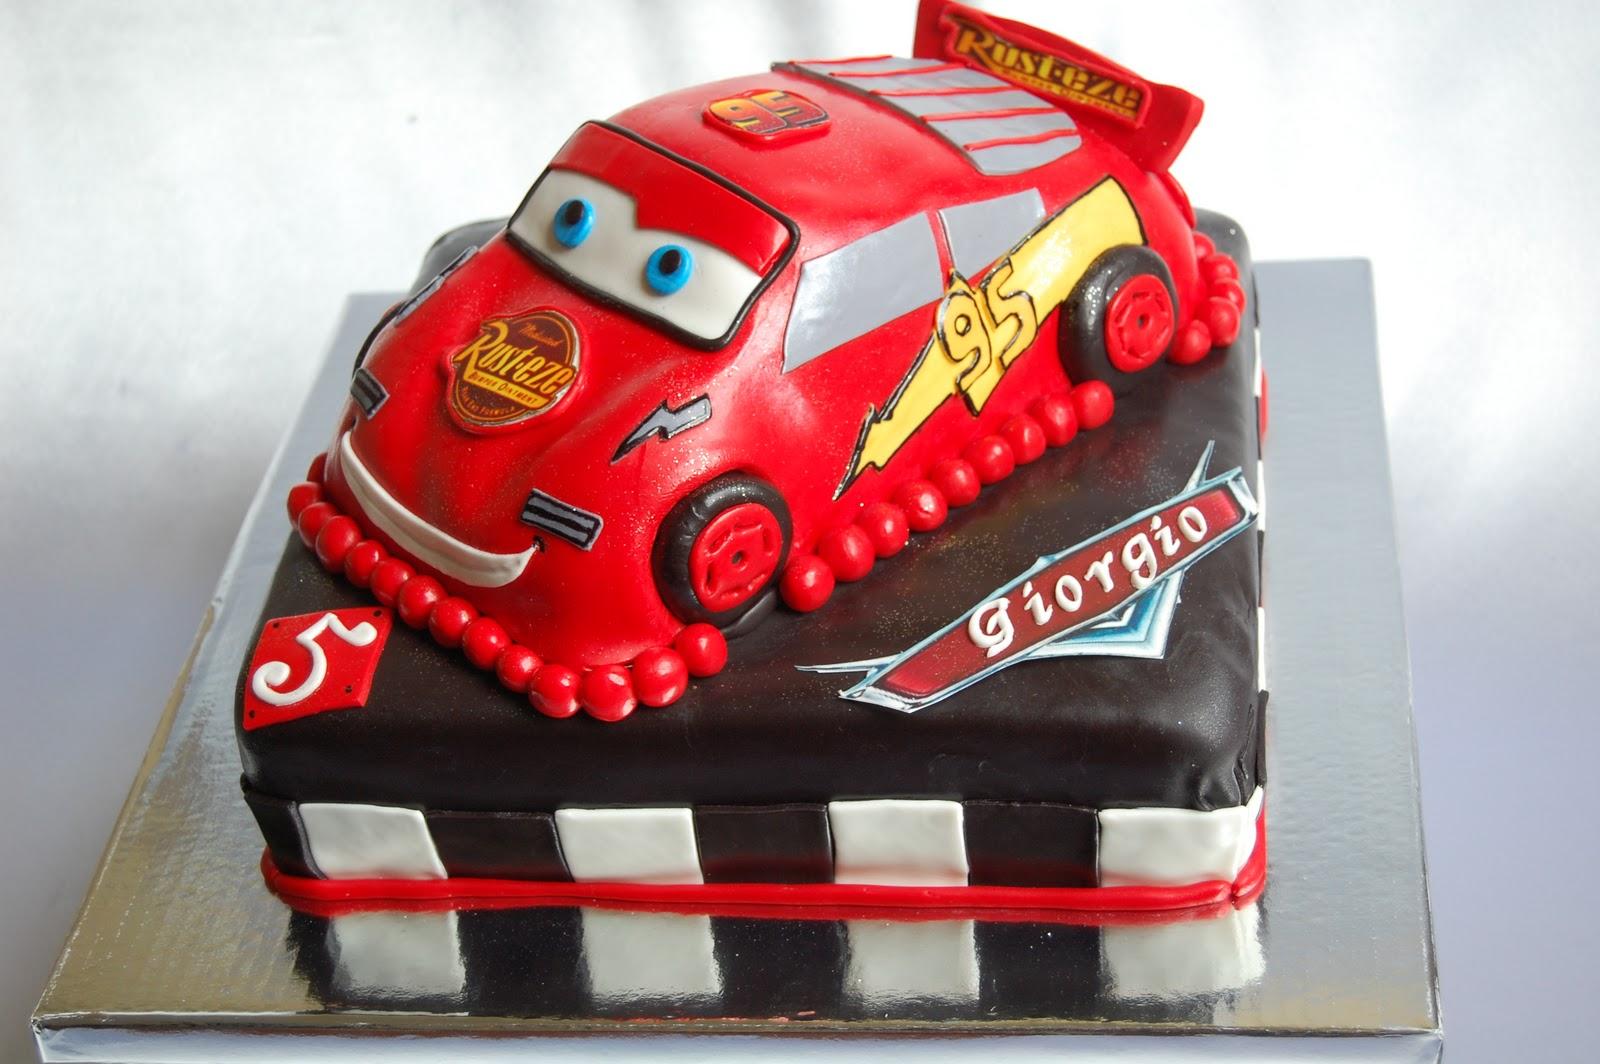 Disney Cars Birthday Cake: CUSTOMISED CAKES BY JEN: 3D Lightning McQueen Cake